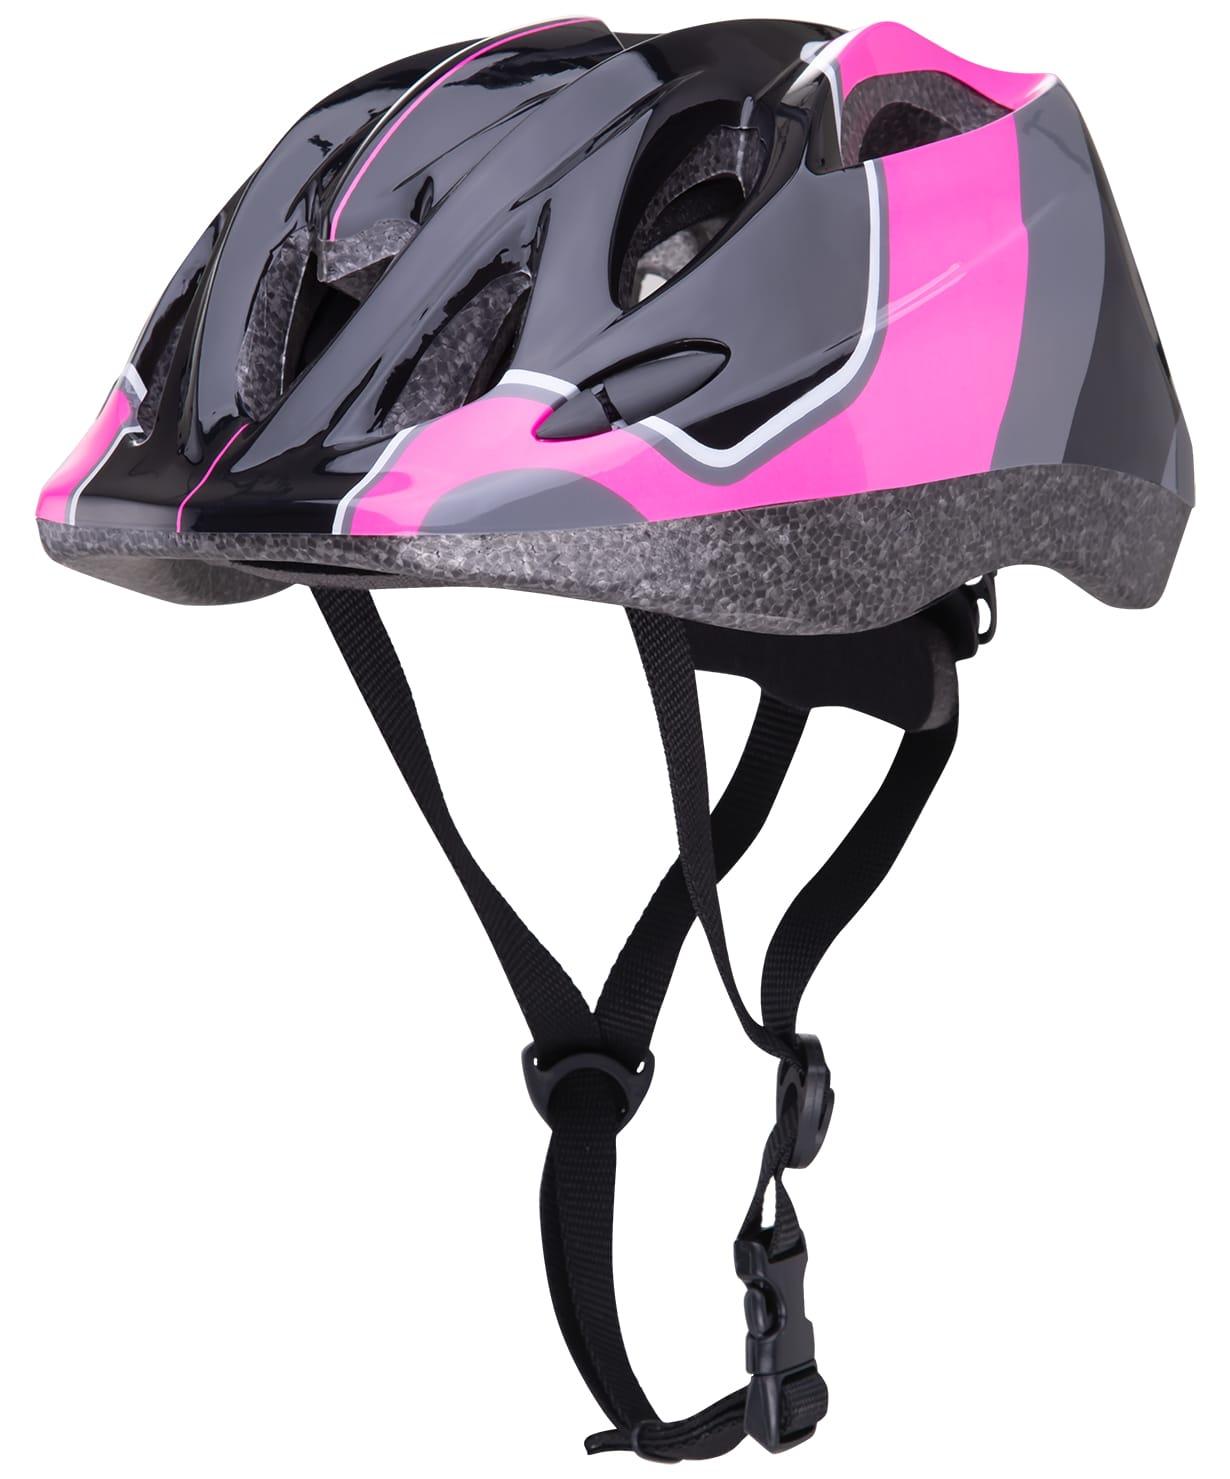 Шлем защитный Ridex Envy, розовый kivat шлем розовый